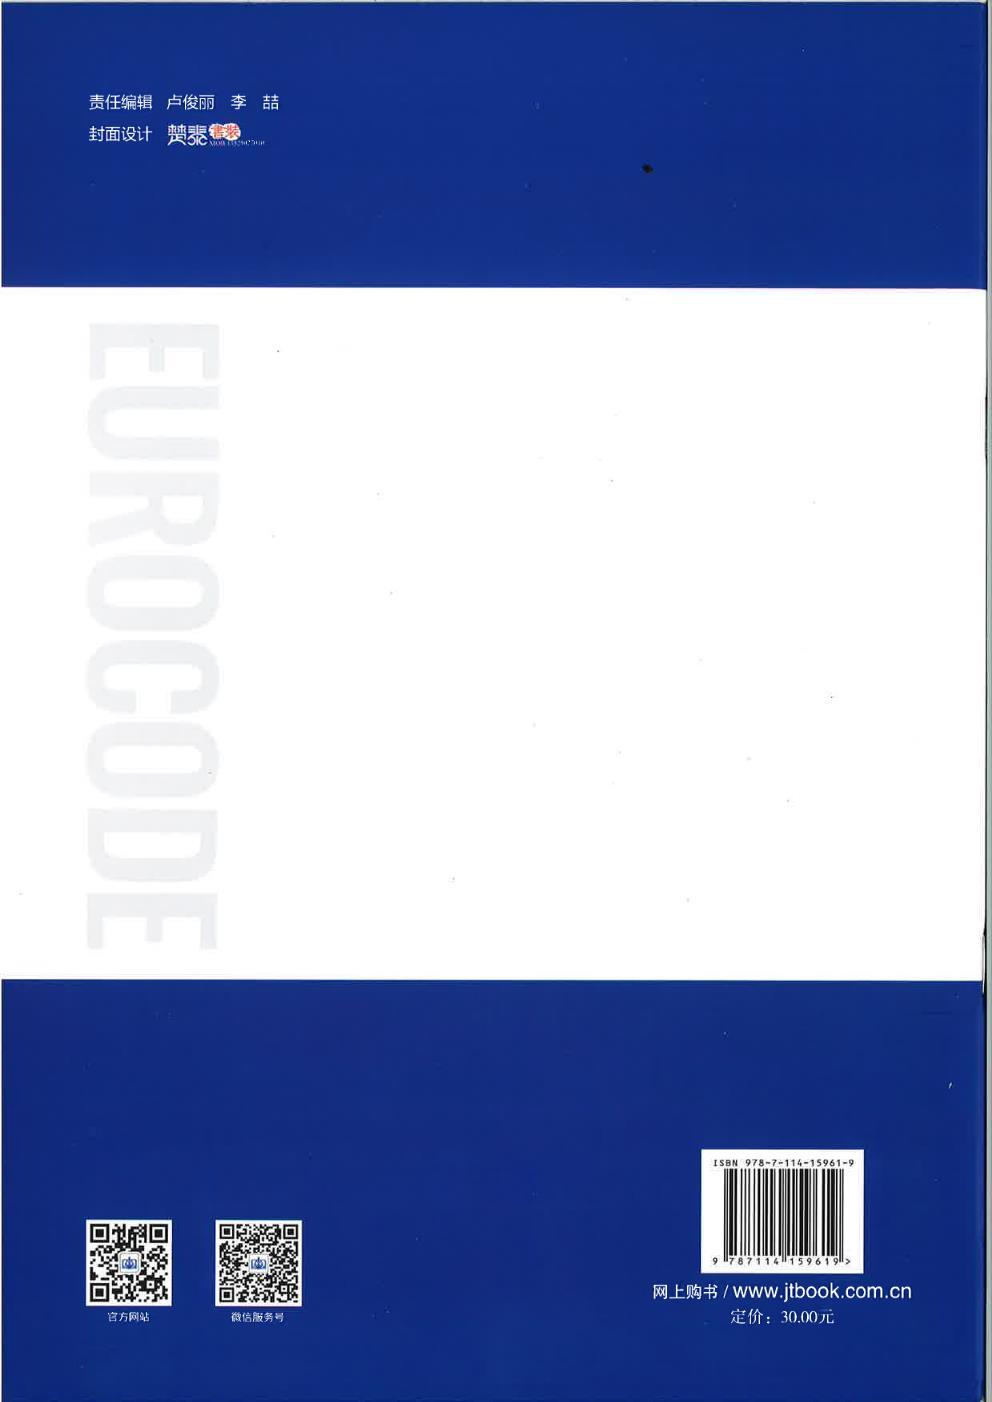 英国国家附件-钢结构设计第1-3部分:一般规定——冷成型构件和薄钢板的补充规定-NA-to-BS-EN-1993-1-3:2006-Page-010